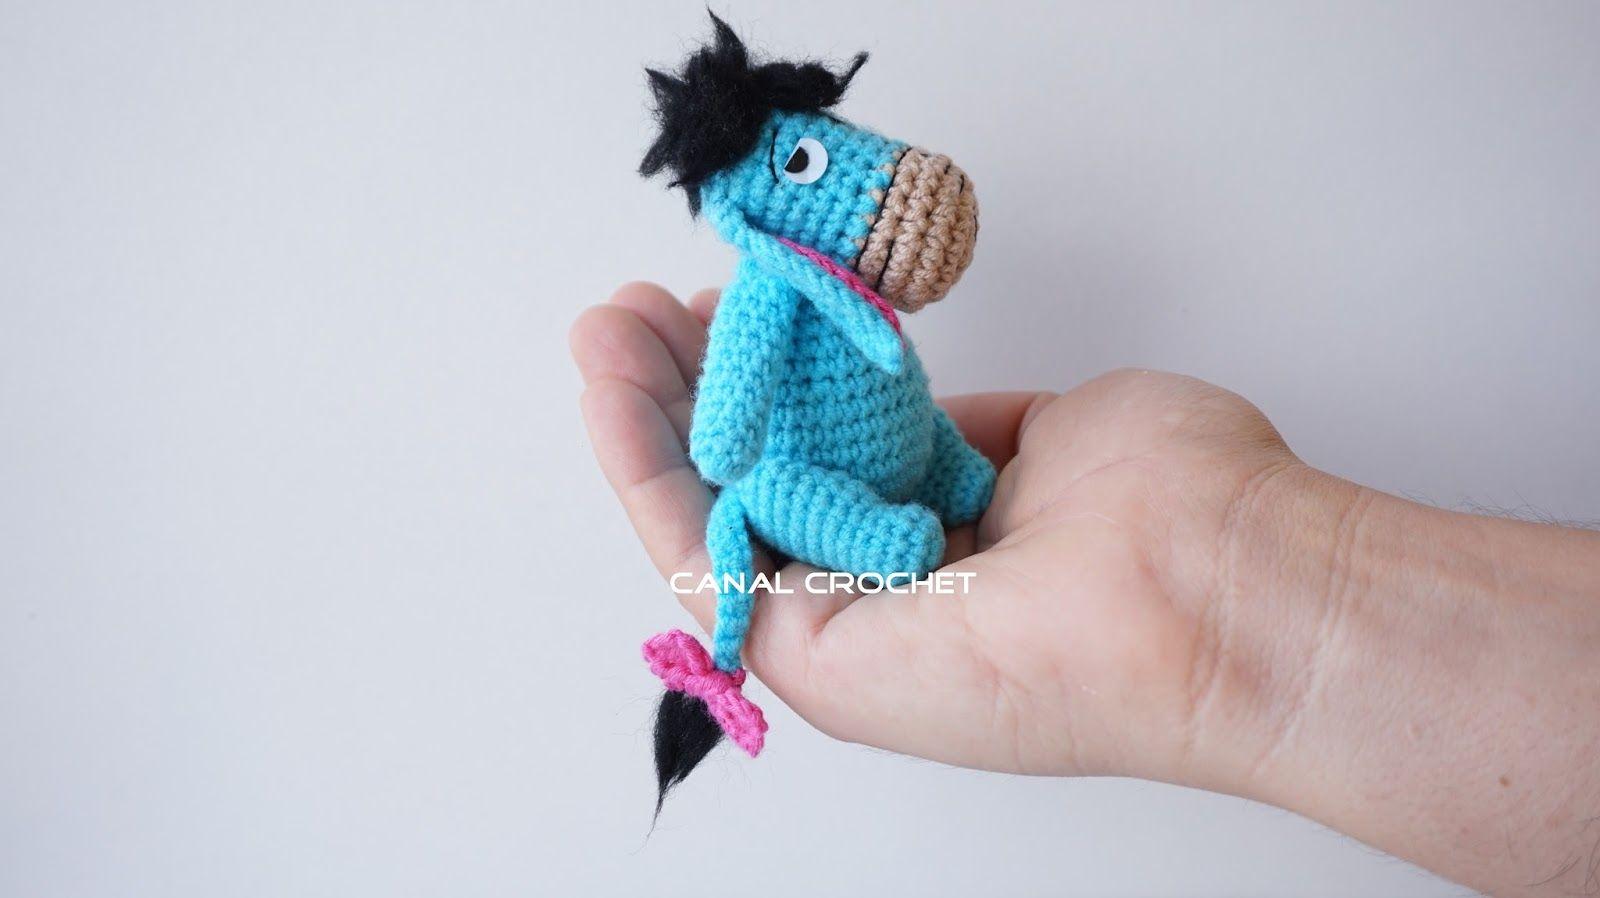 Amigurumi Patrones Gratis De Buho : Canal crochet igor amigurumi tutorial croche